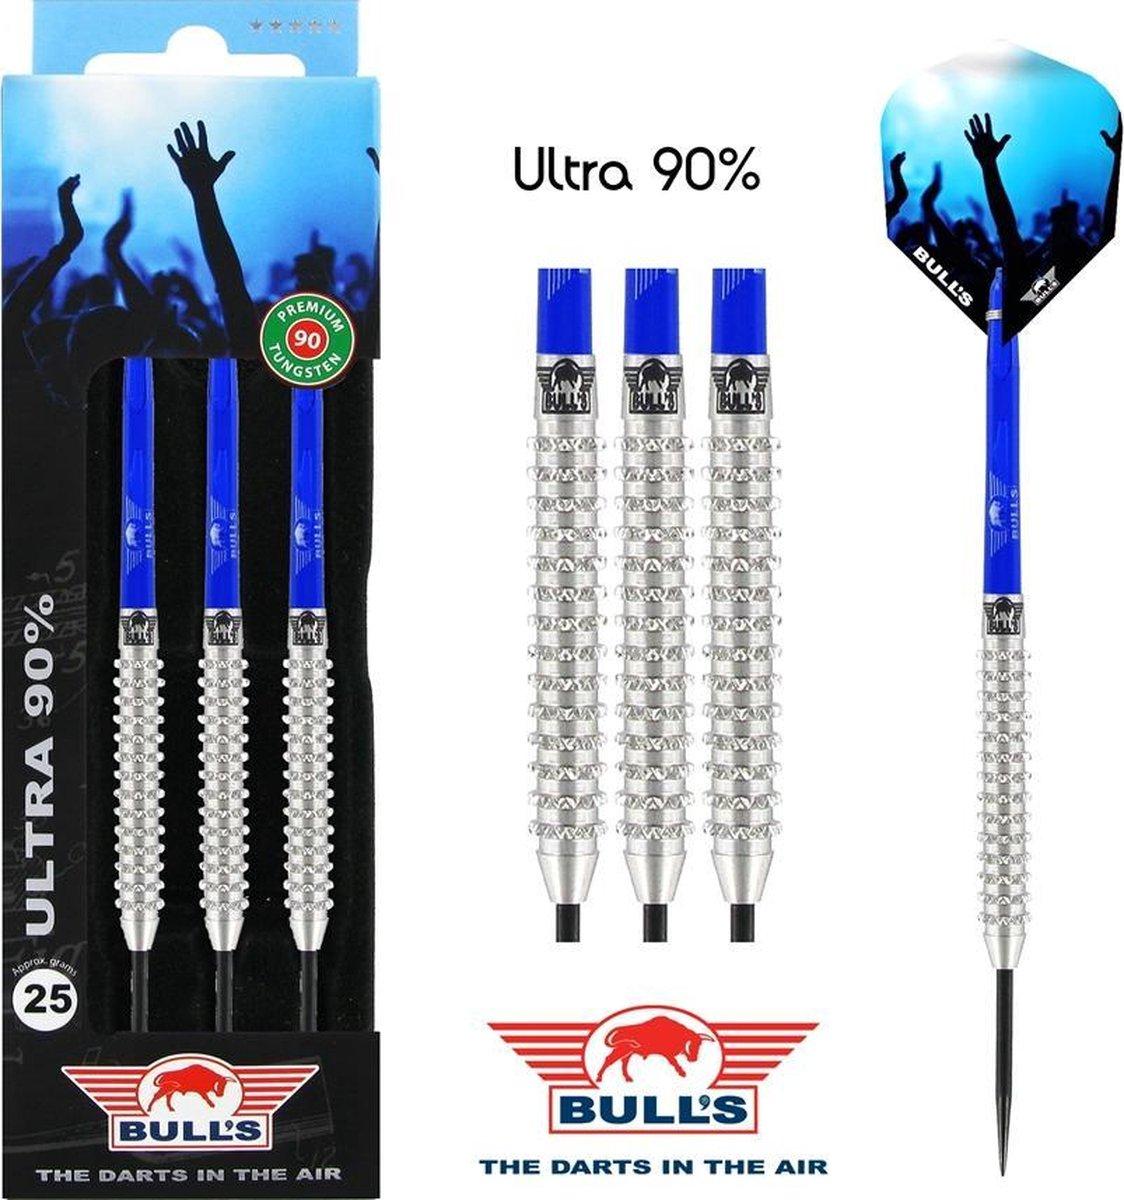 Bull's Ultra 90% - 23 Gram